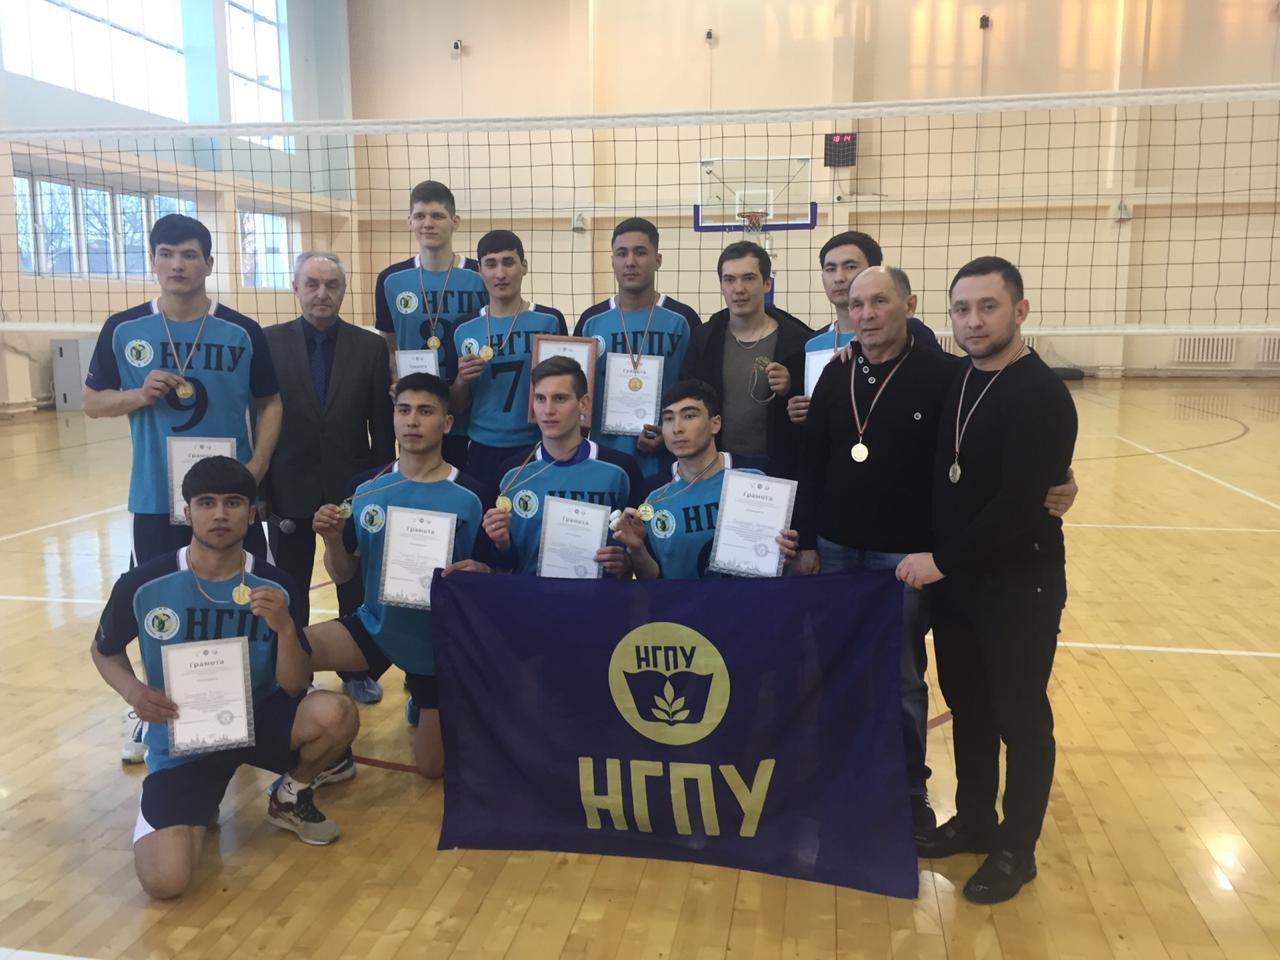 Мужская команда НГПУ стала победителем финальных игр в рамках студенческой волейбольной лиги г. Набережные Челны